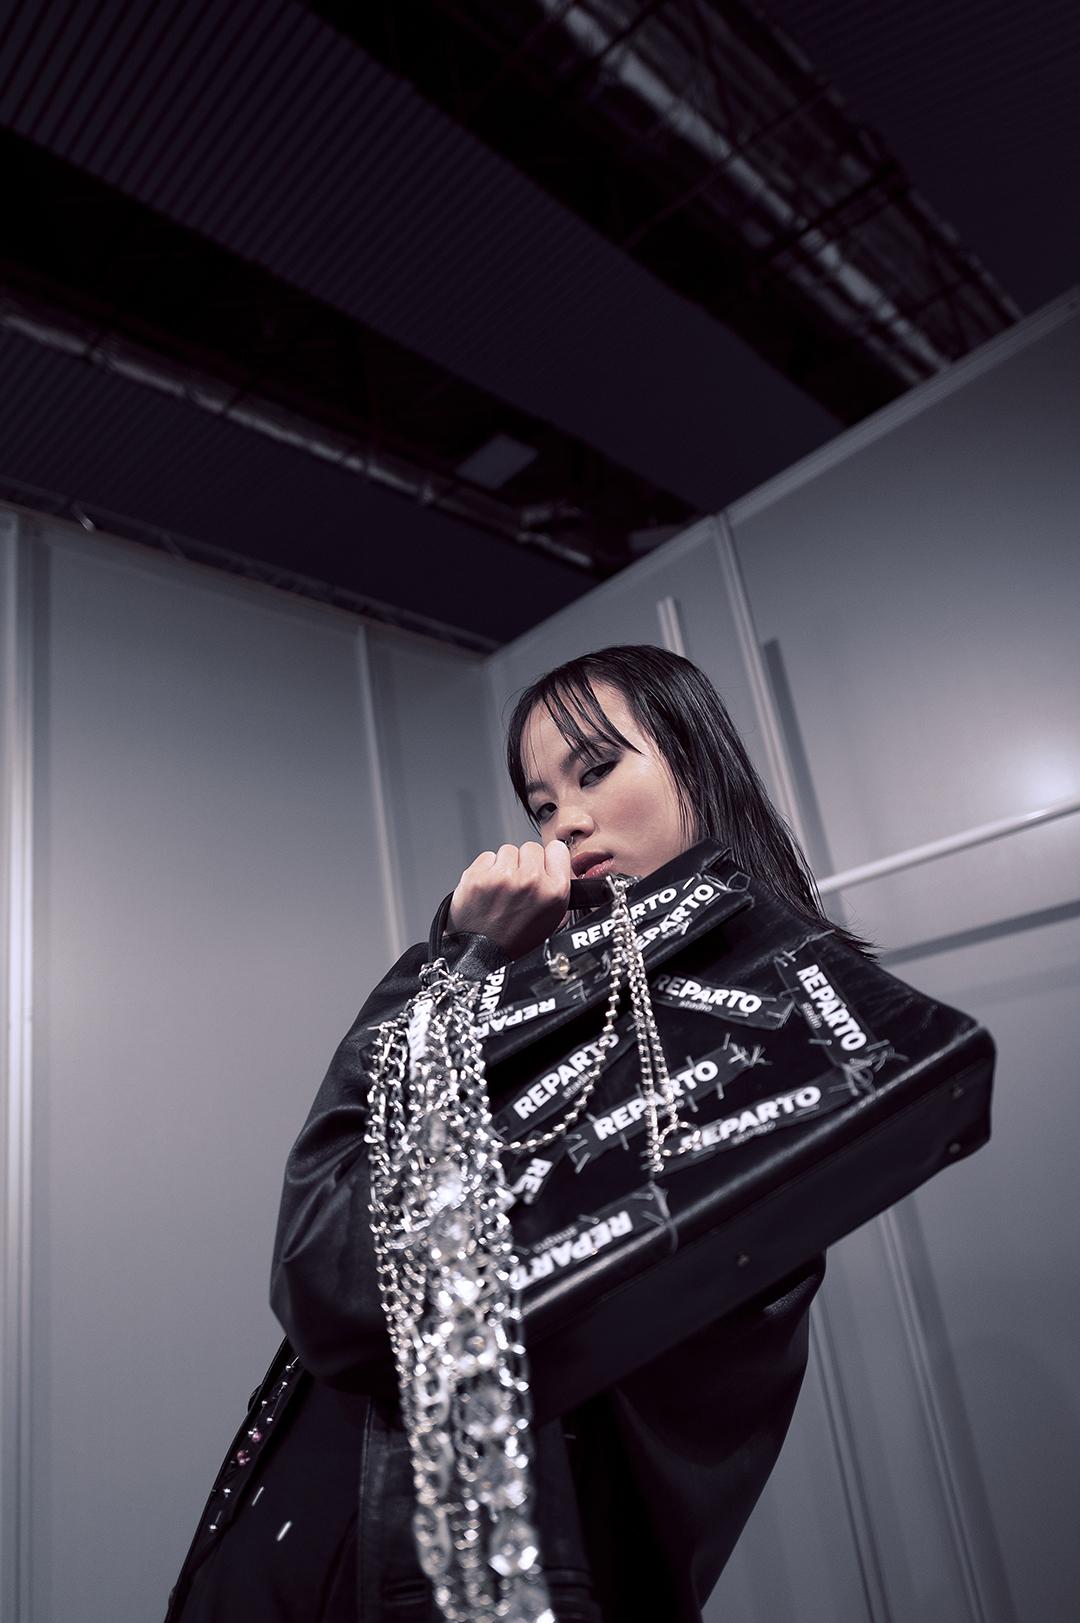 Mei en el Backstage de REPARTO Studio. Foto por Patricia Blas.